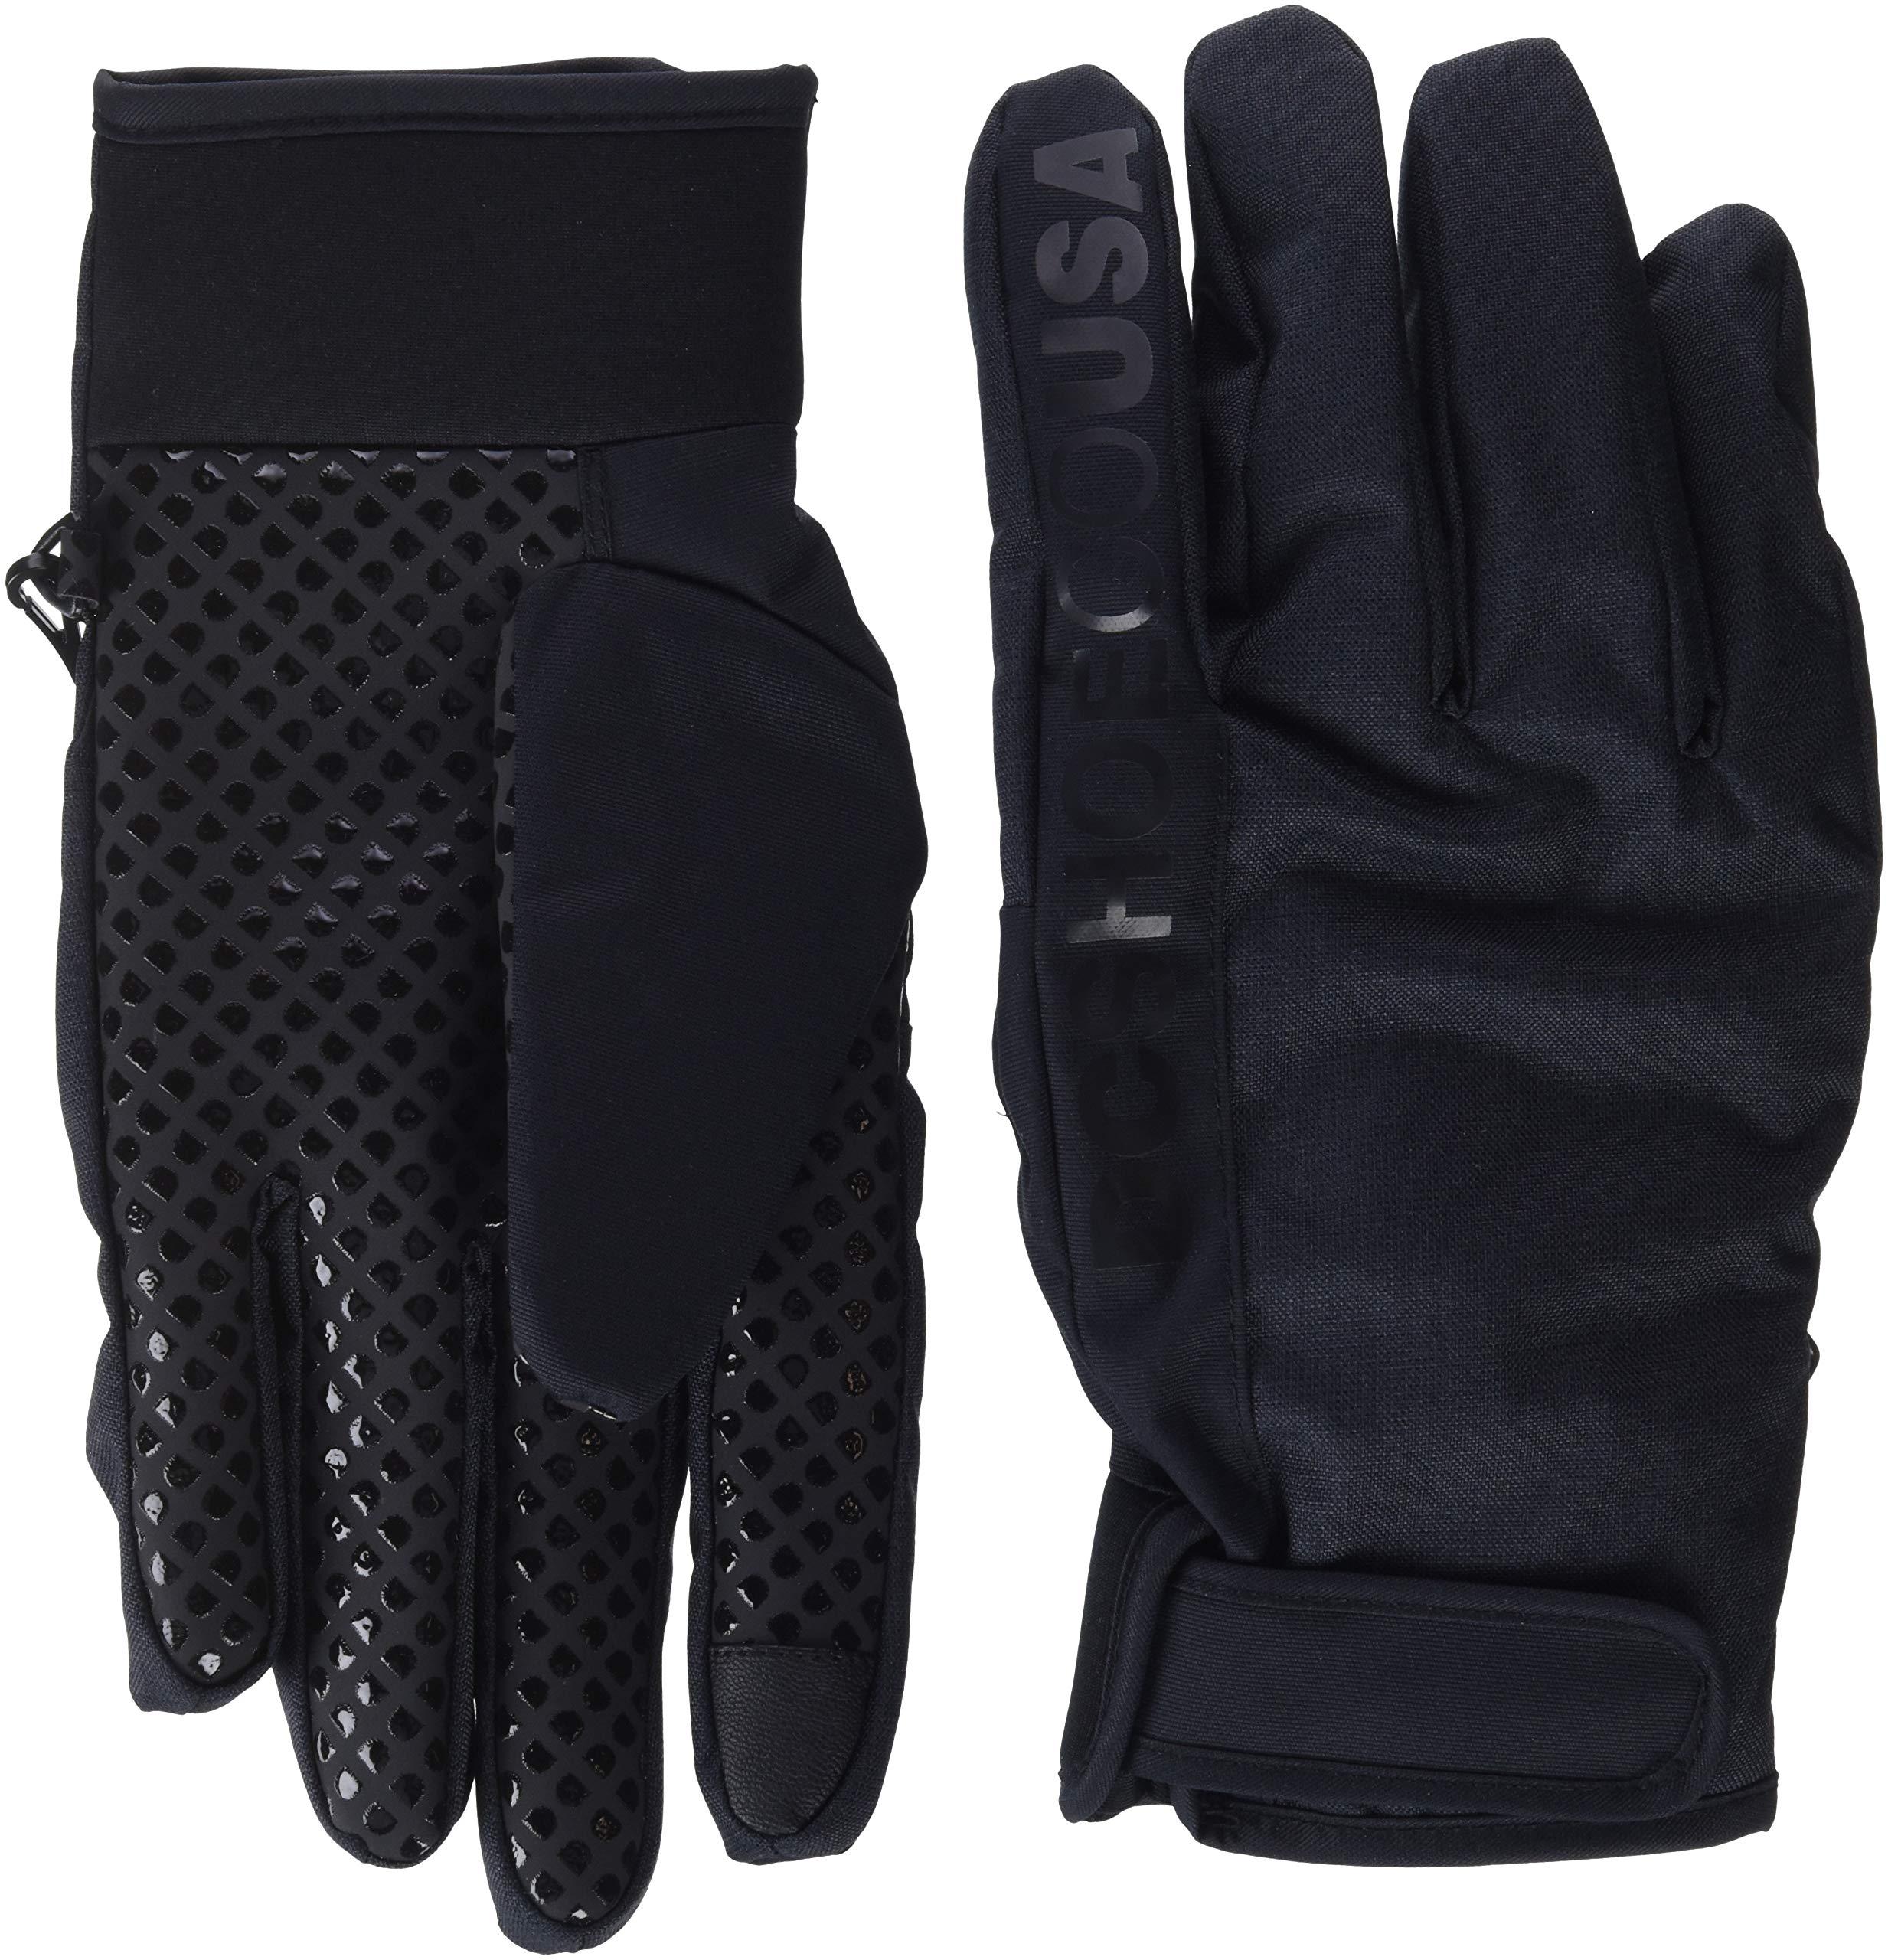 91wU07MKTVL - DC Shoes Men's Deadeye Gloveslove Gloves